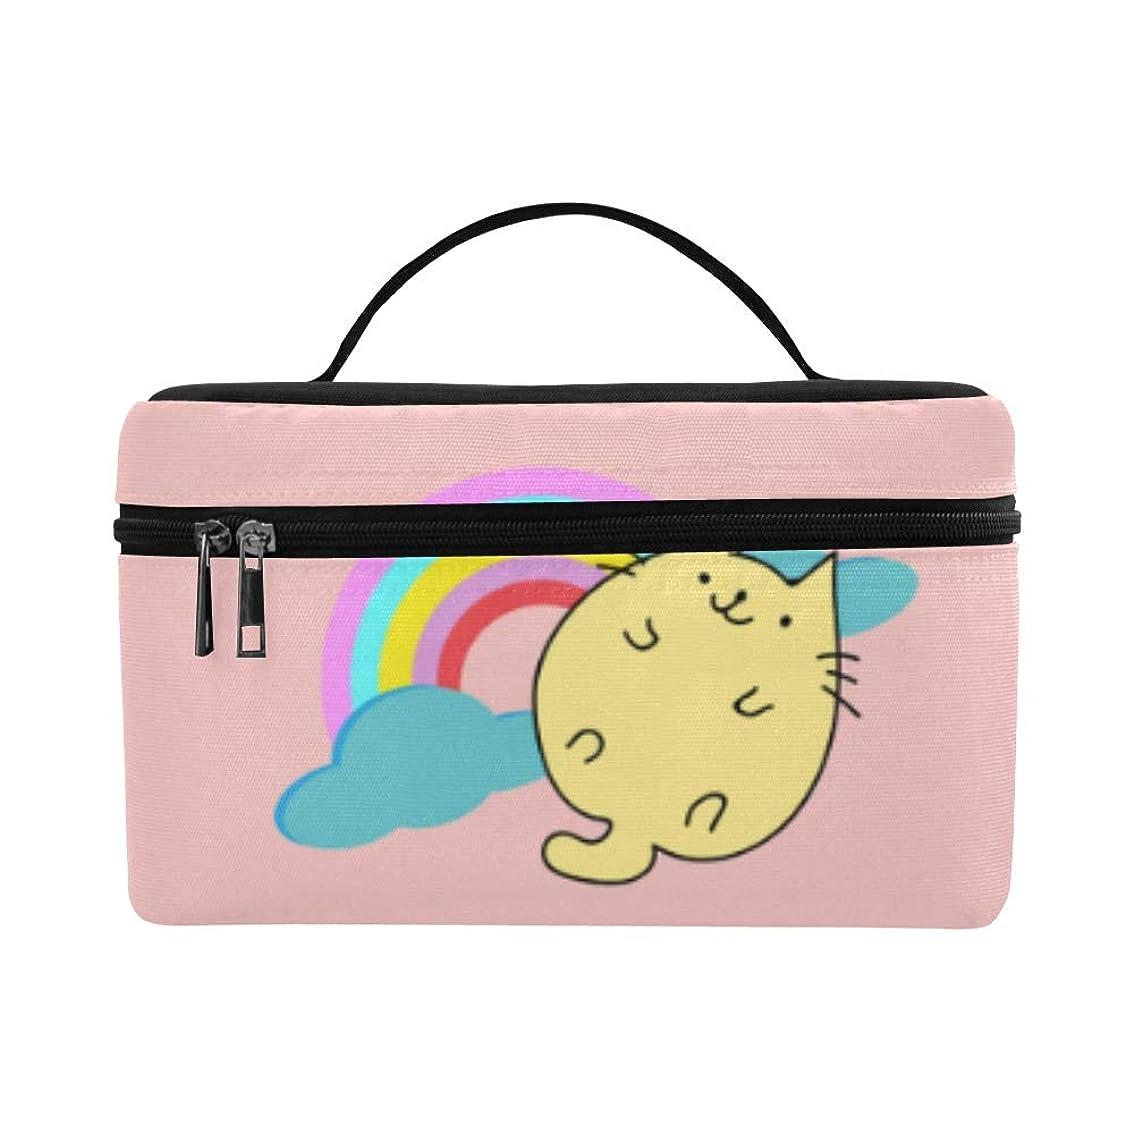 校長溶融化学者HAYO メイクボックス きれいな虹や面白い猫 コスメ収納 化粧品収納ケース 大容量 収納ボックス 化粧品入れ 化粧バッグ 旅行用 メイクブラシバッグ 化粧箱 持ち運び便利 プロ用